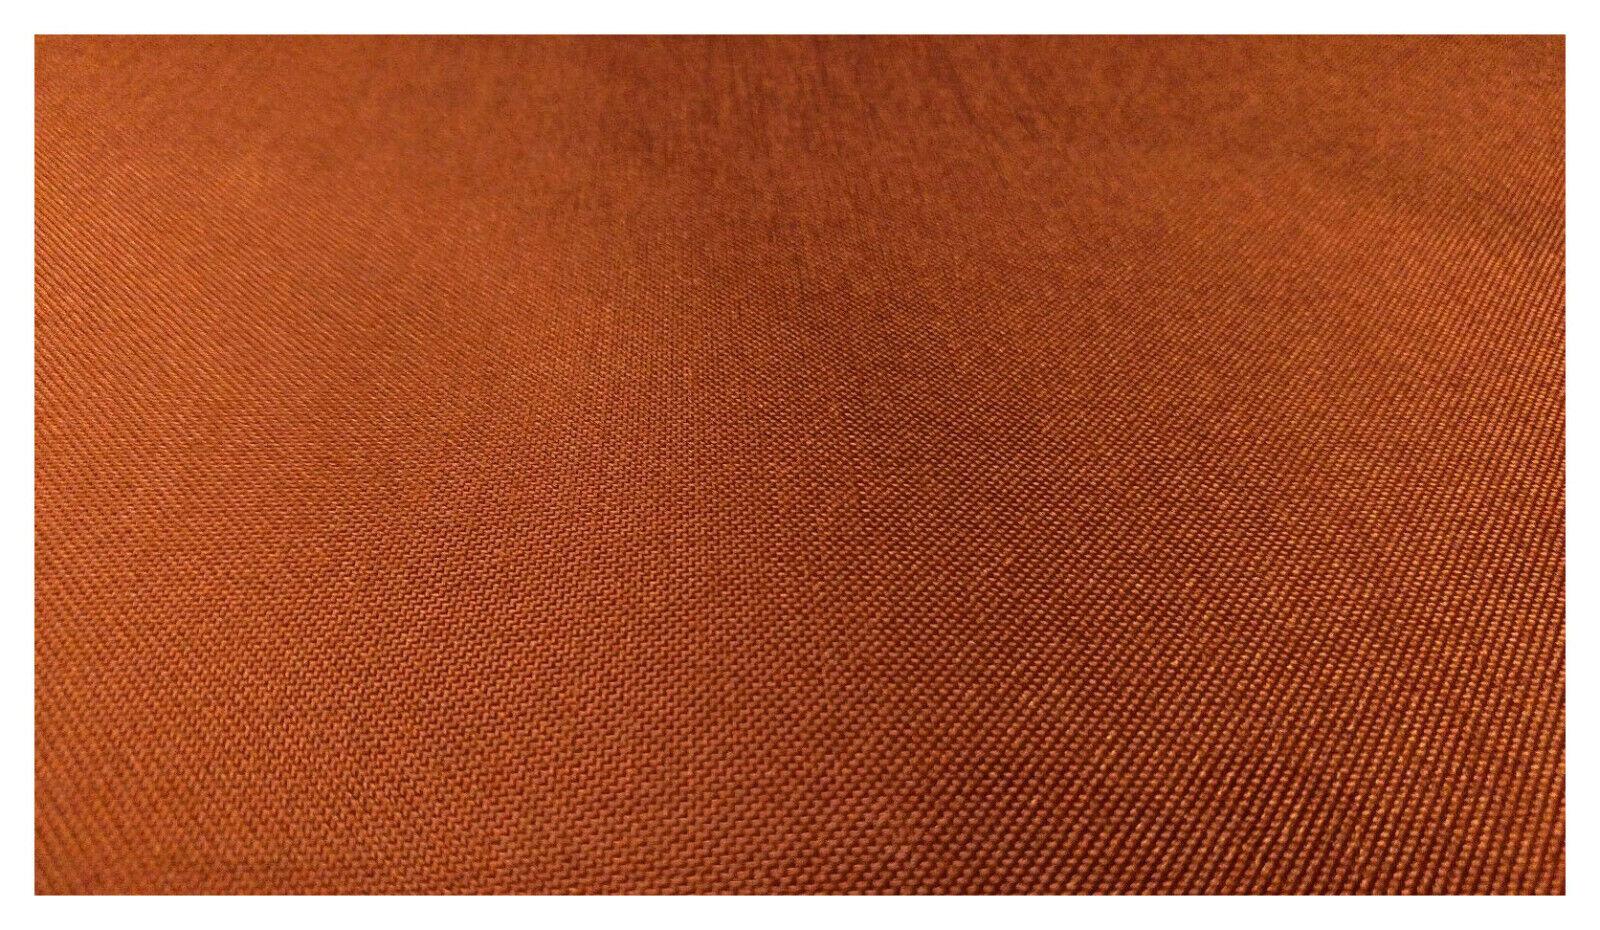 rust brown 1000d water repellent nylon outdoor